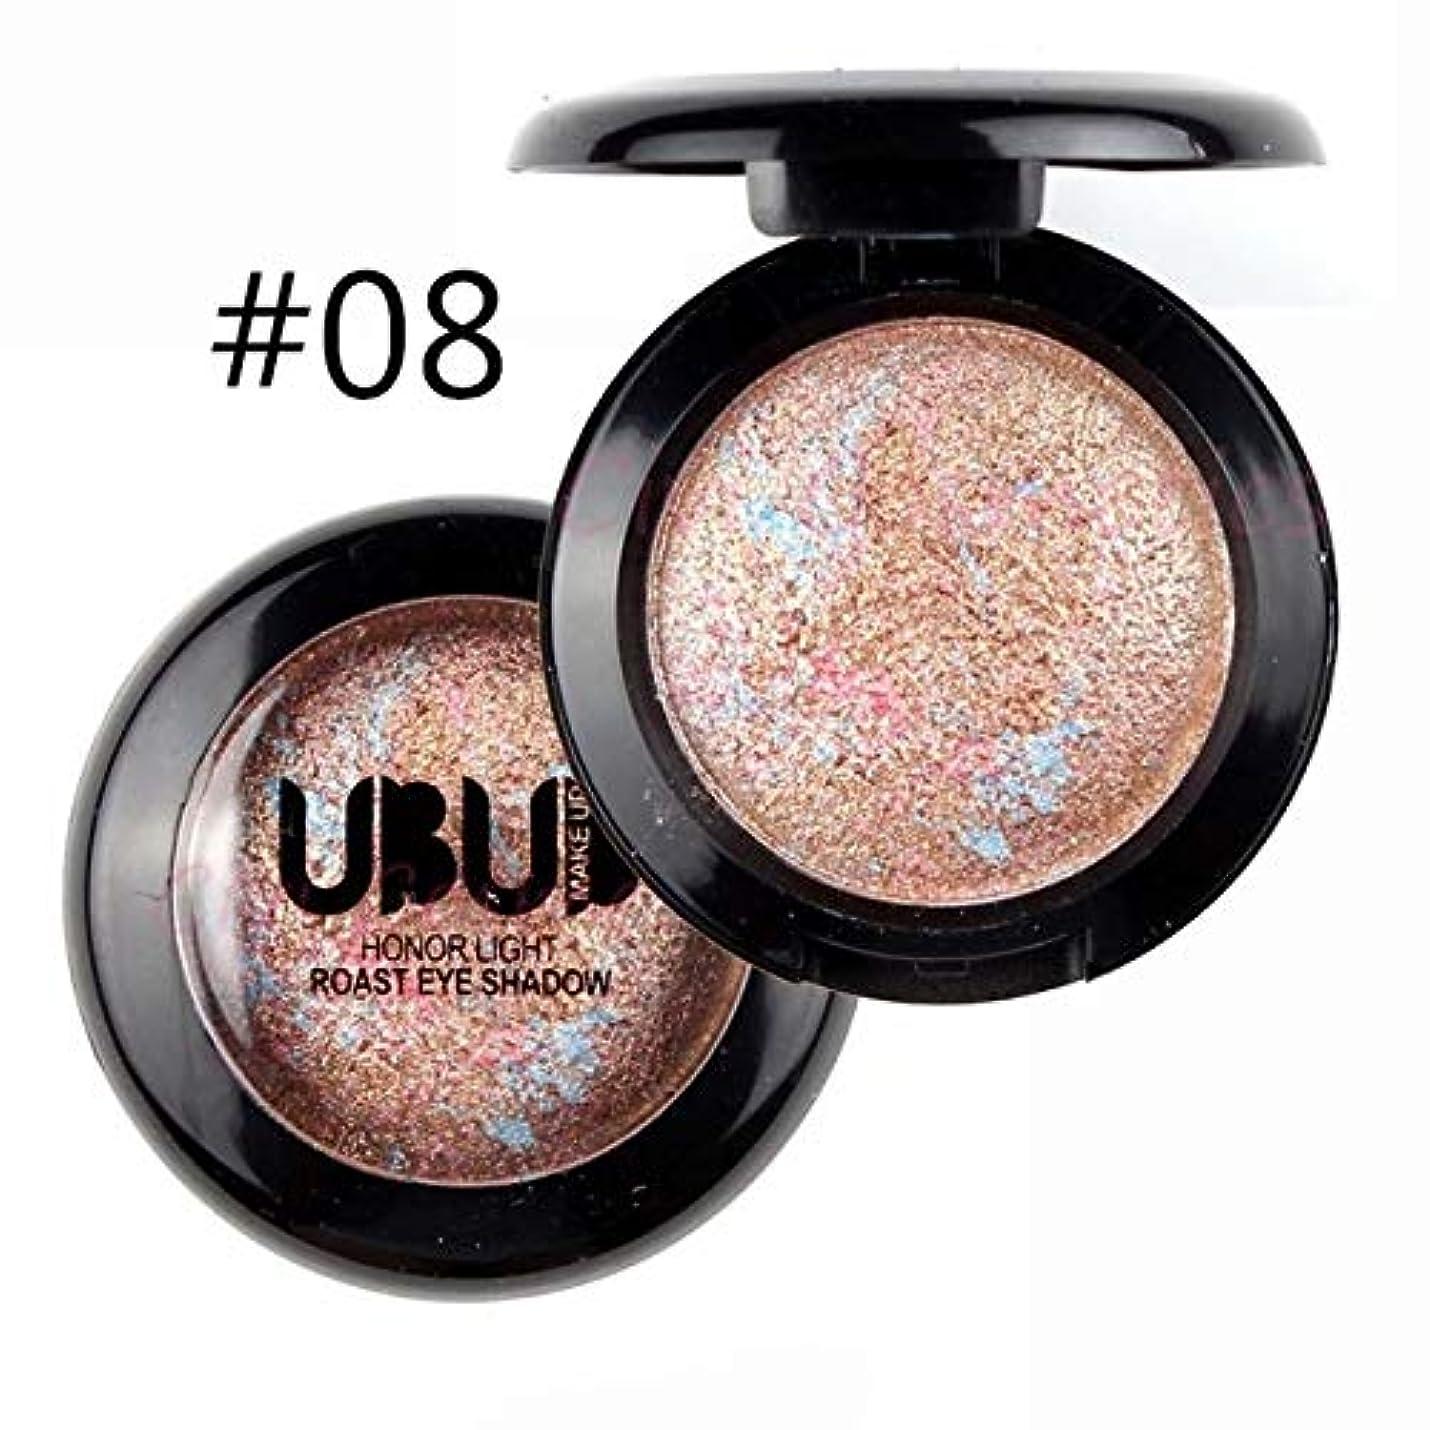 美容アクセサリー UBUB 3 PCS Professionalヌードアイシャドウパレットメイクアップマットアイシャドー(01真珠光沢) 写真美容アクセサリー (色 : 08 Gold bronze)